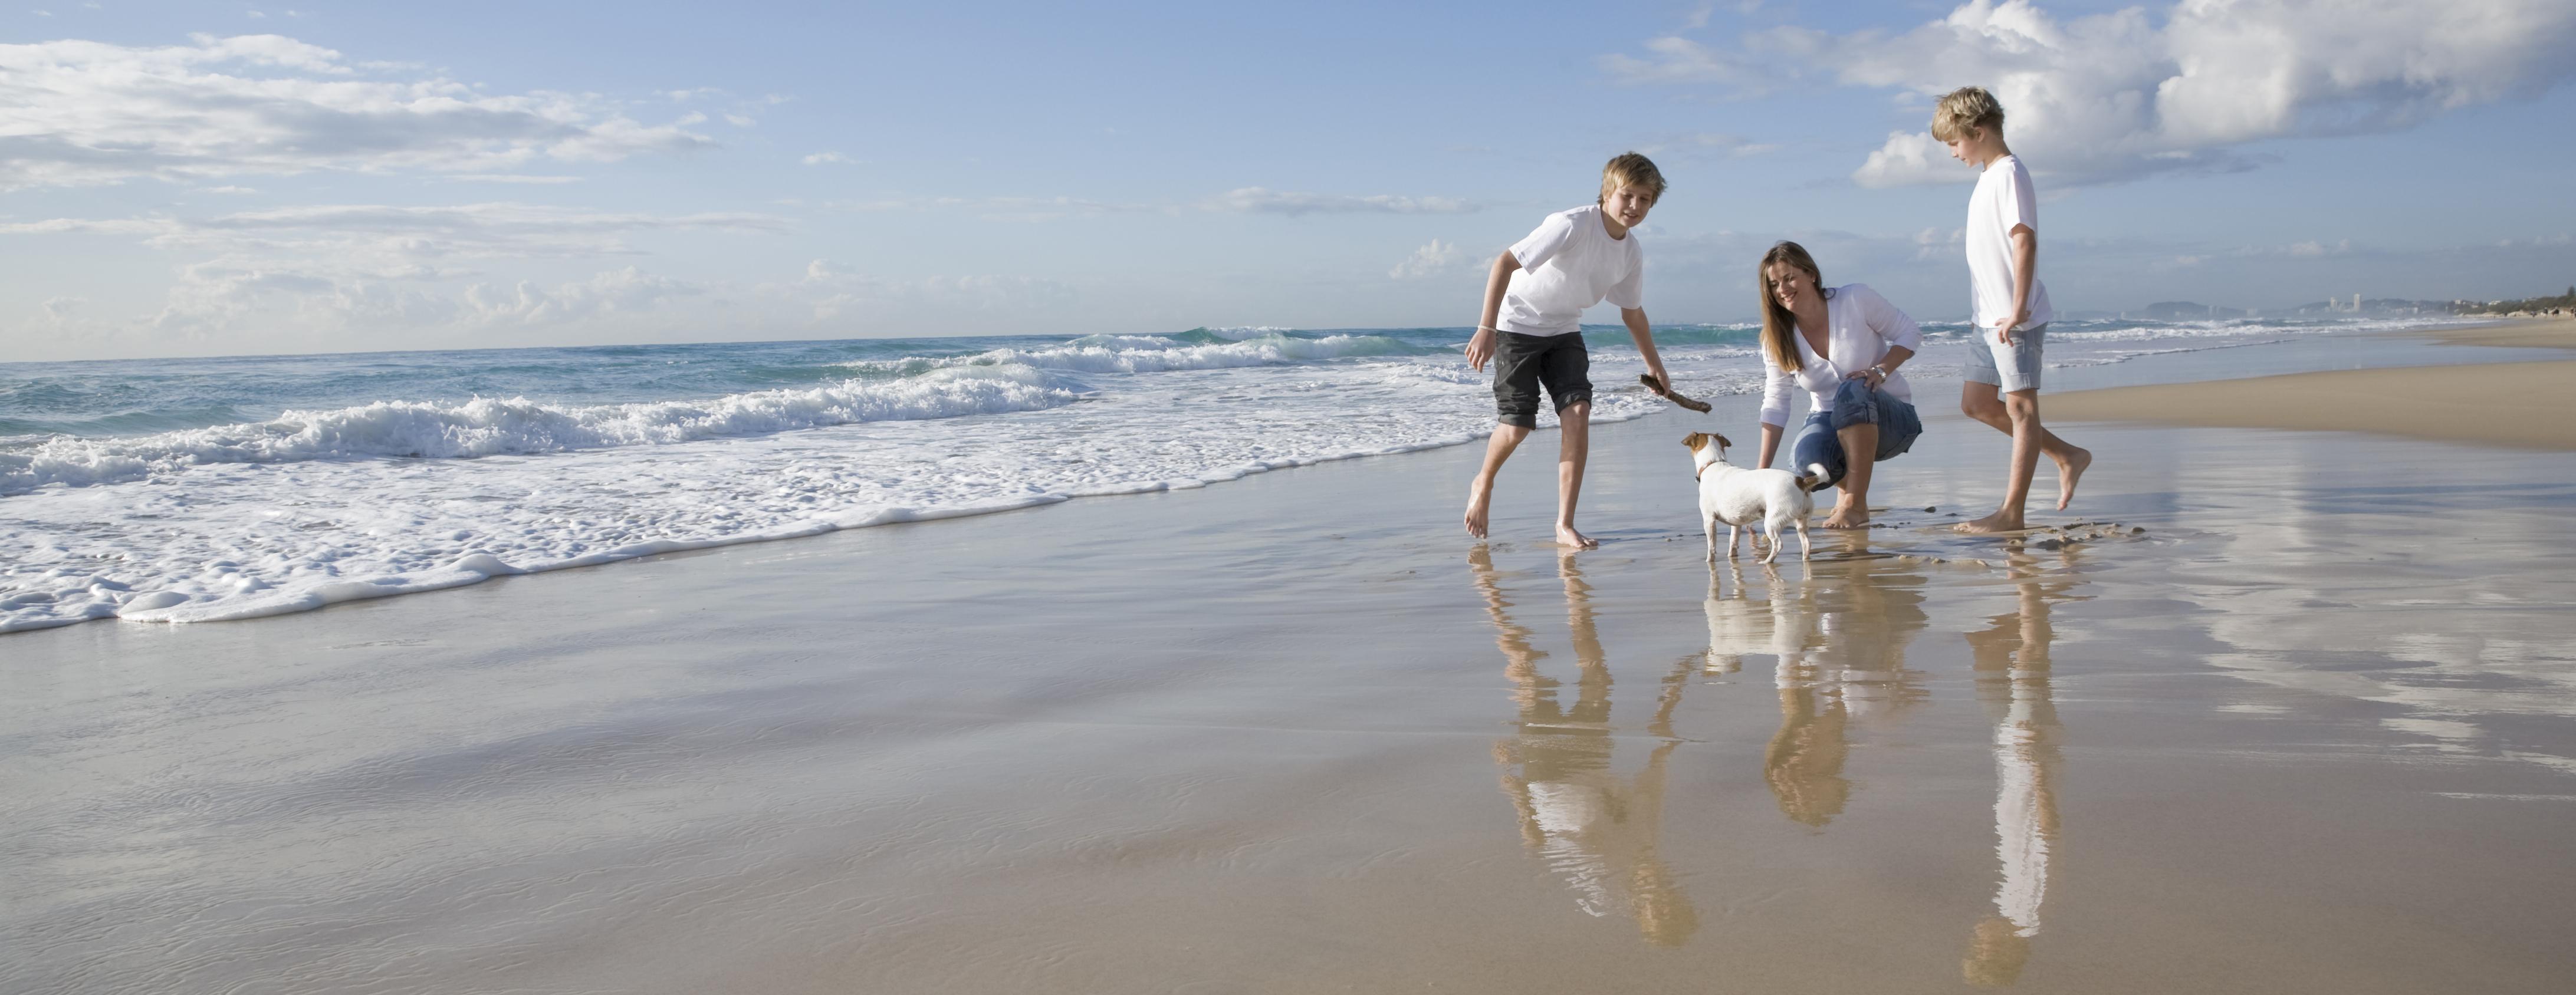 Dog Friendly beach at South Durras